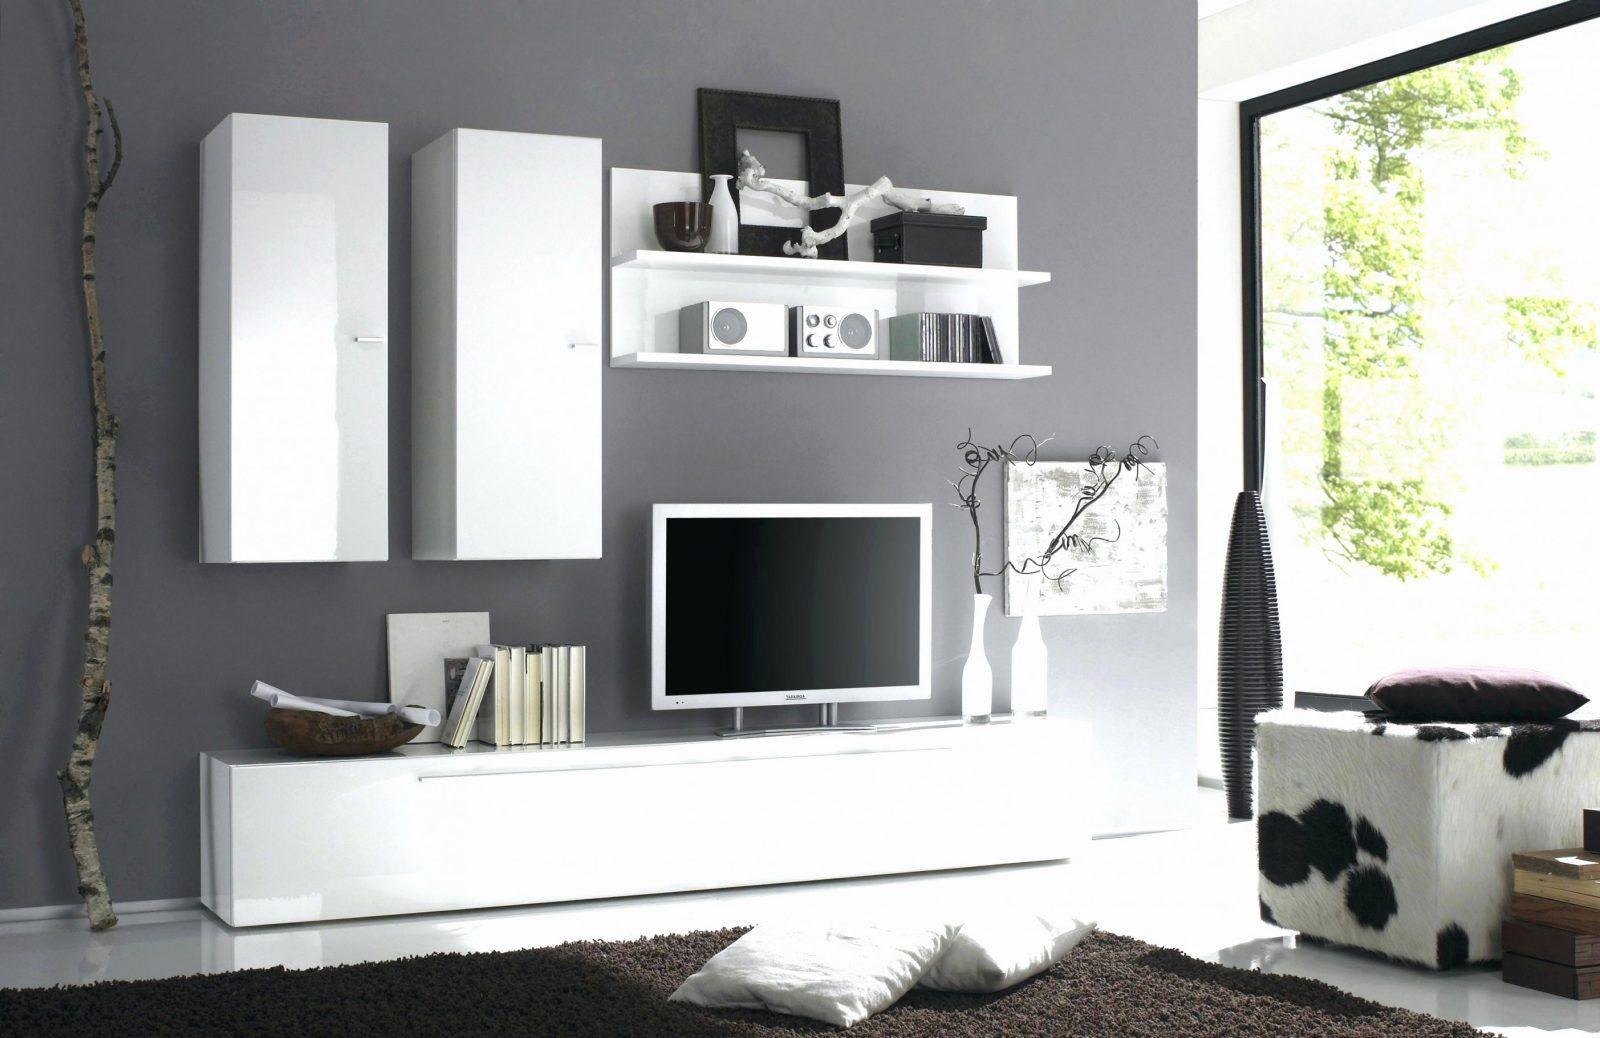 86 Das Beste Von Galerie Von Garderobe Weiß Ikea  Hauptideen Und von Ikea Wohnwand Weiß Hochglanz Bild